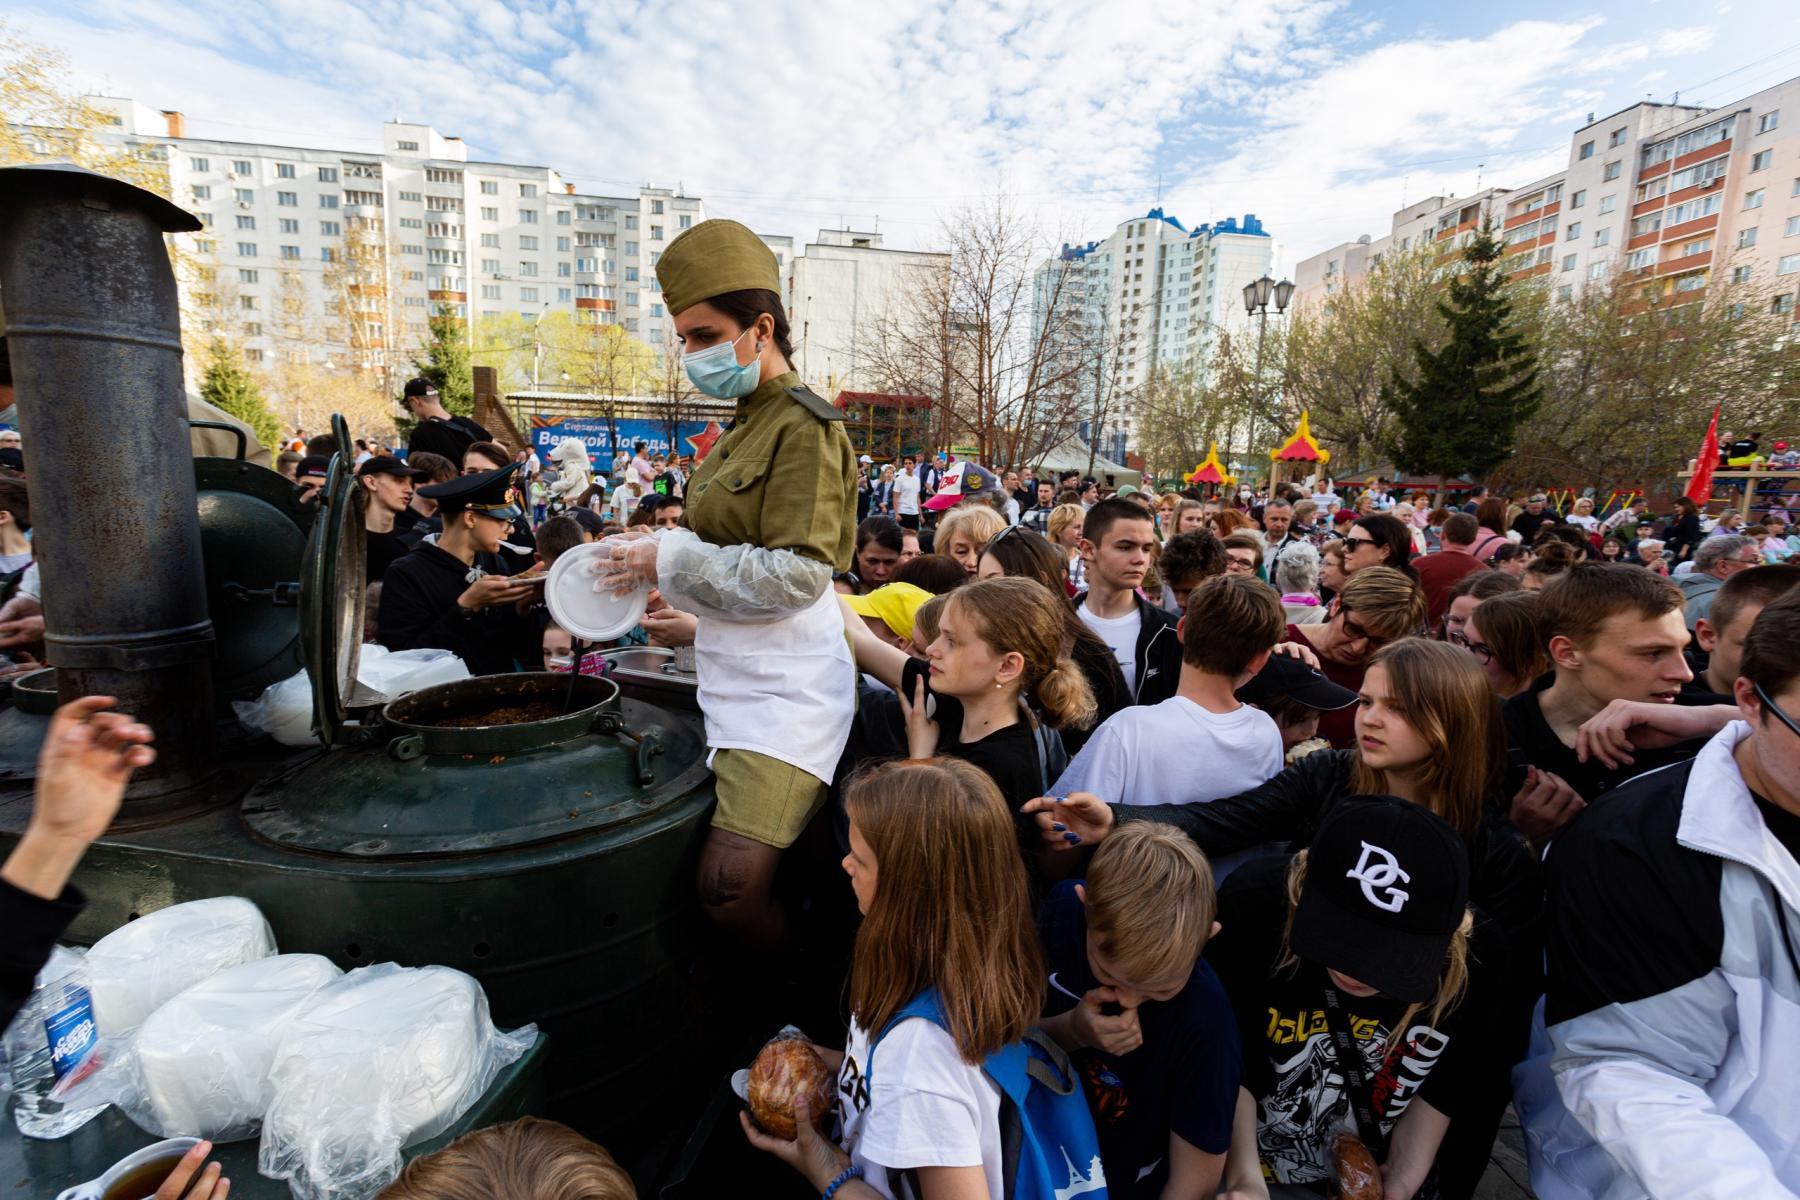 фото В Горском микрорайоне Новосибирска прошёл концерт в честь 9 Мая 5